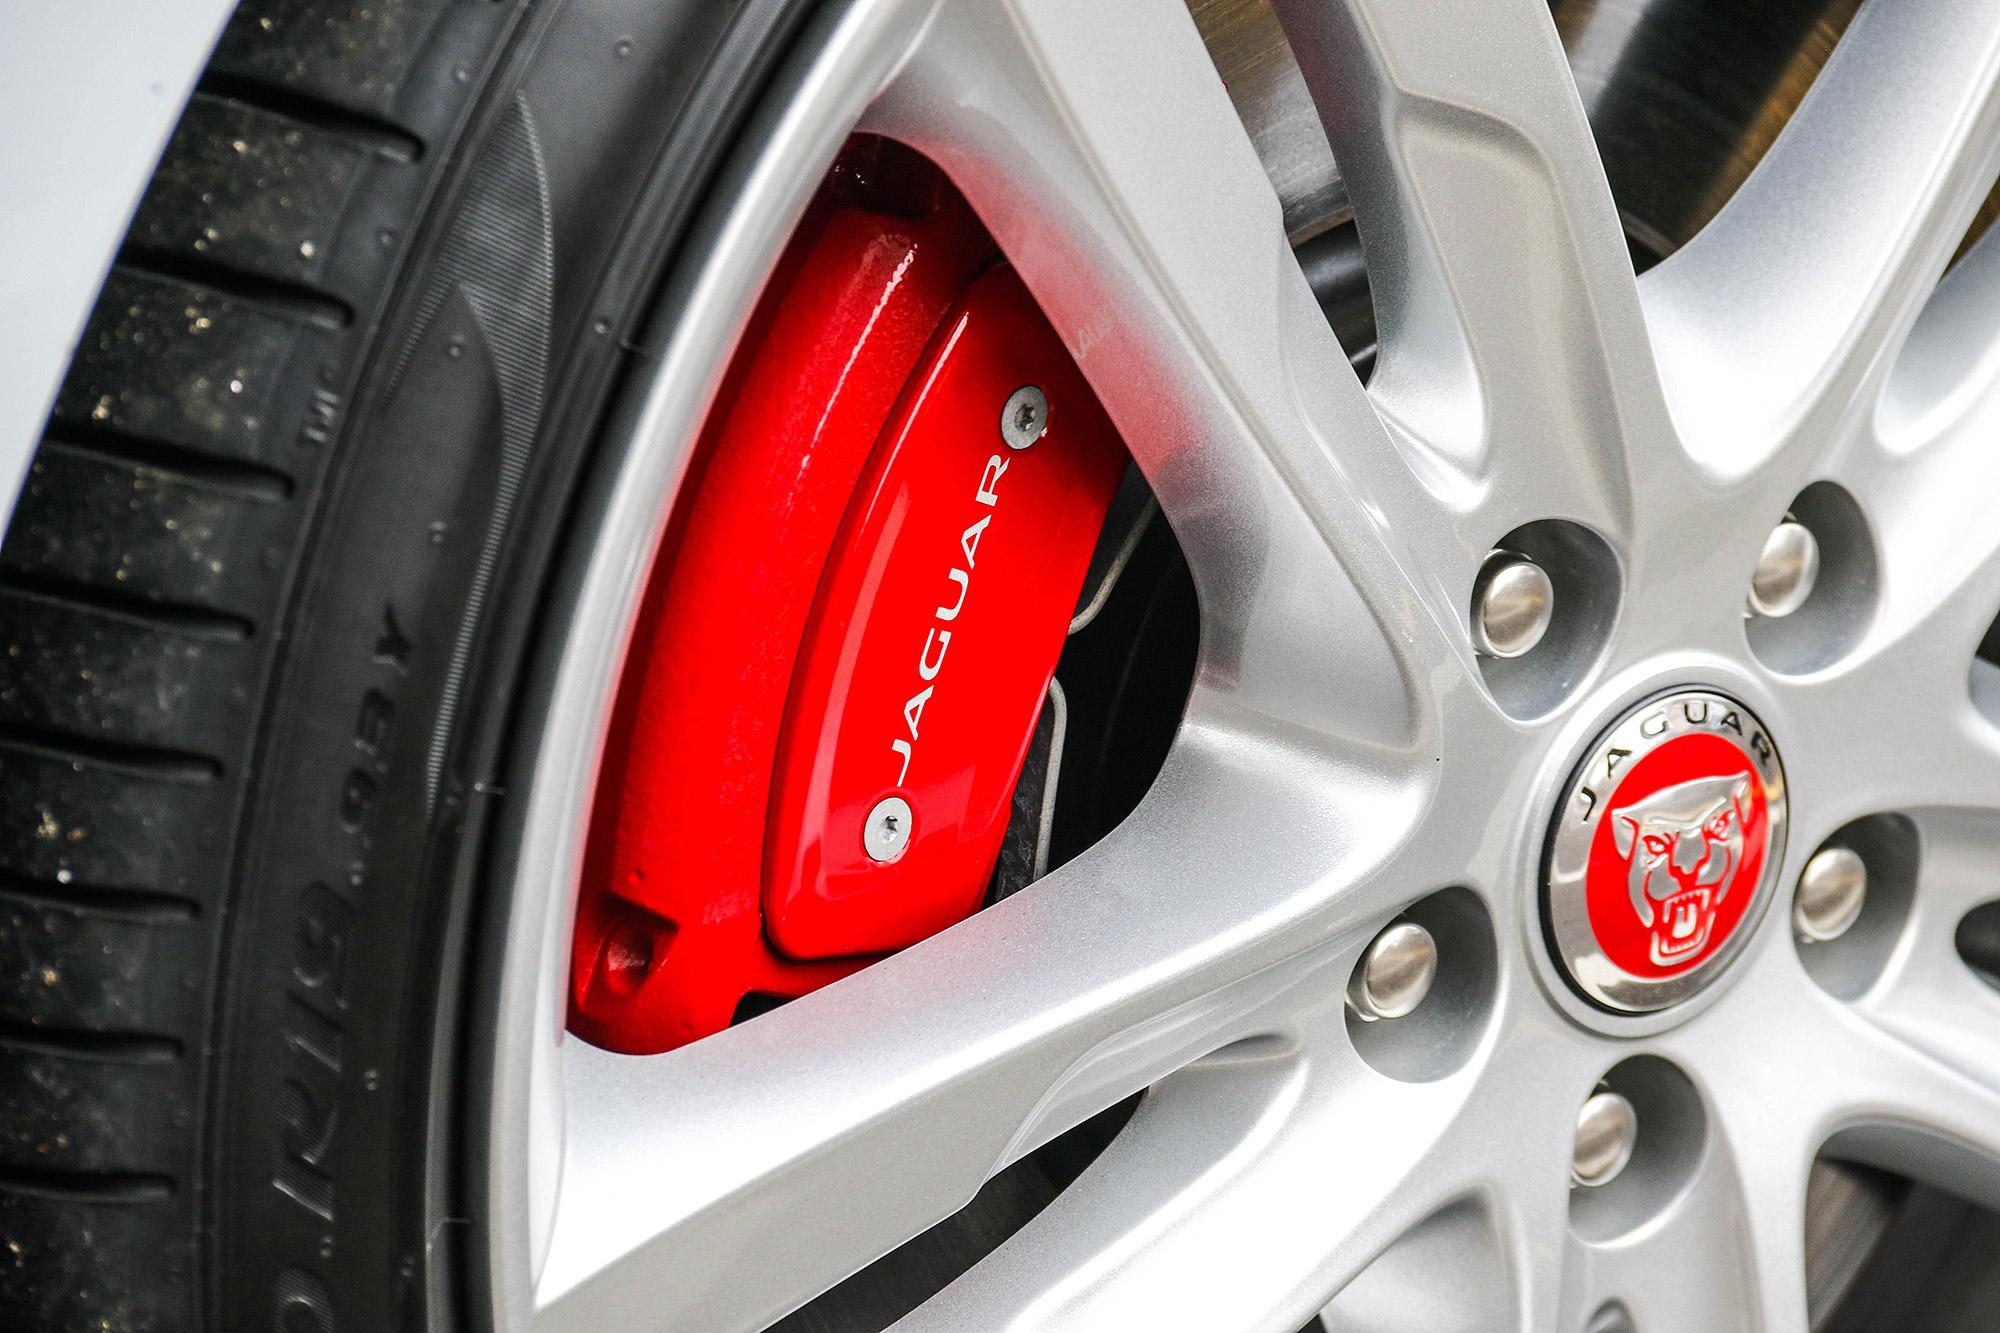 紅色煞車卡鉗為 P300 動力車型的標準配備。